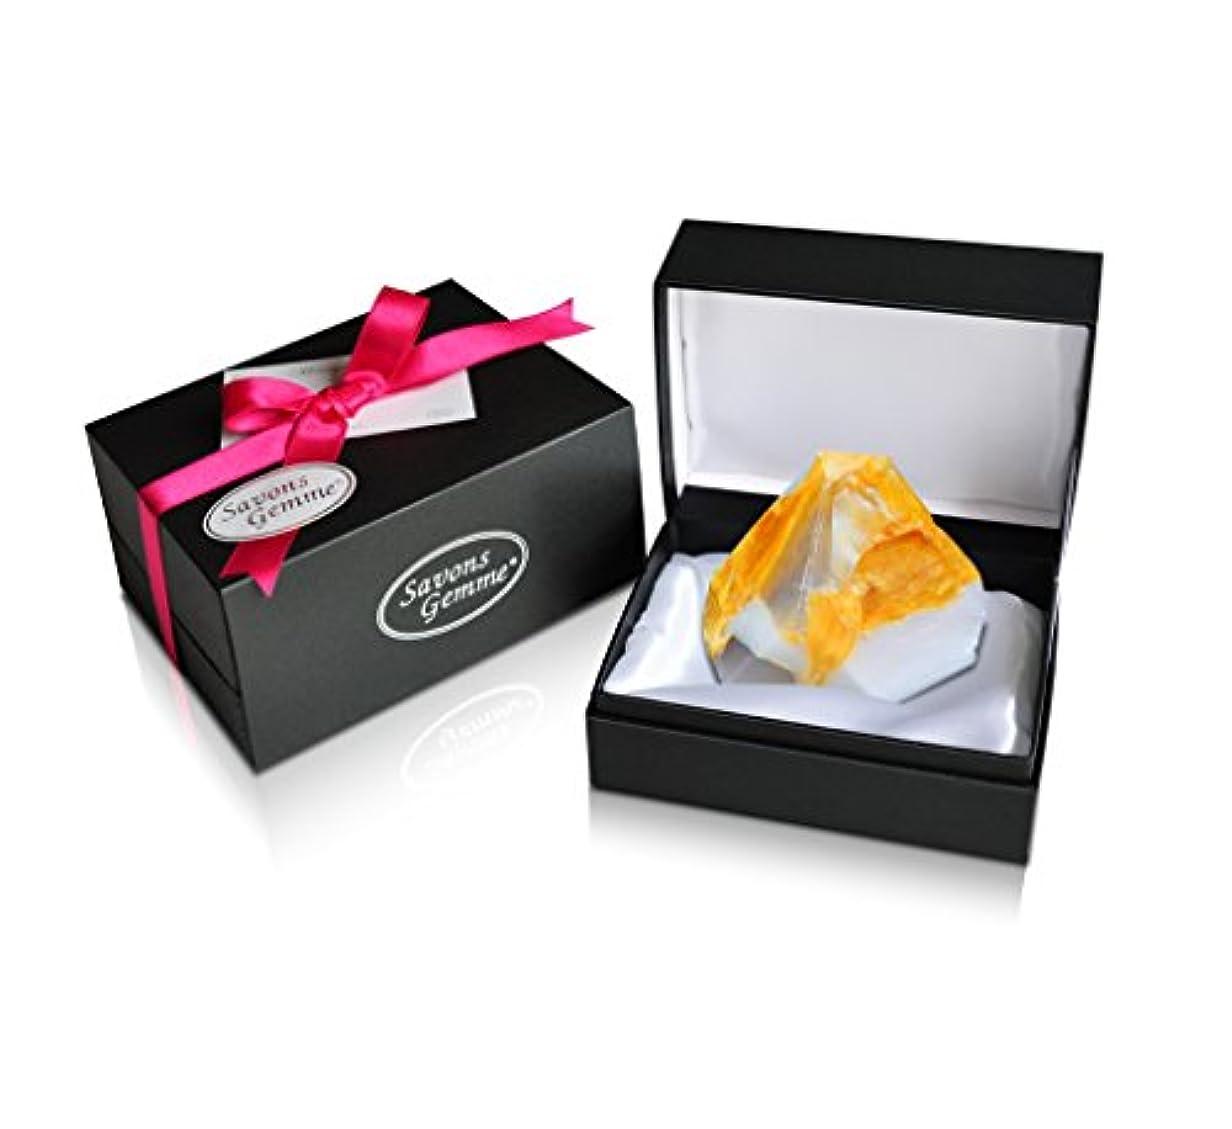 コンパイルオーラルバラバラにするSavons Gemme サボンジェム ジュエリーギフトボックス 世界で一番美しい宝石石鹸 フレグランス ソープ 宝石箱のようなラグジュアリー感を演出 アルバトールオリエンタル 170g 【日本総代理店品】